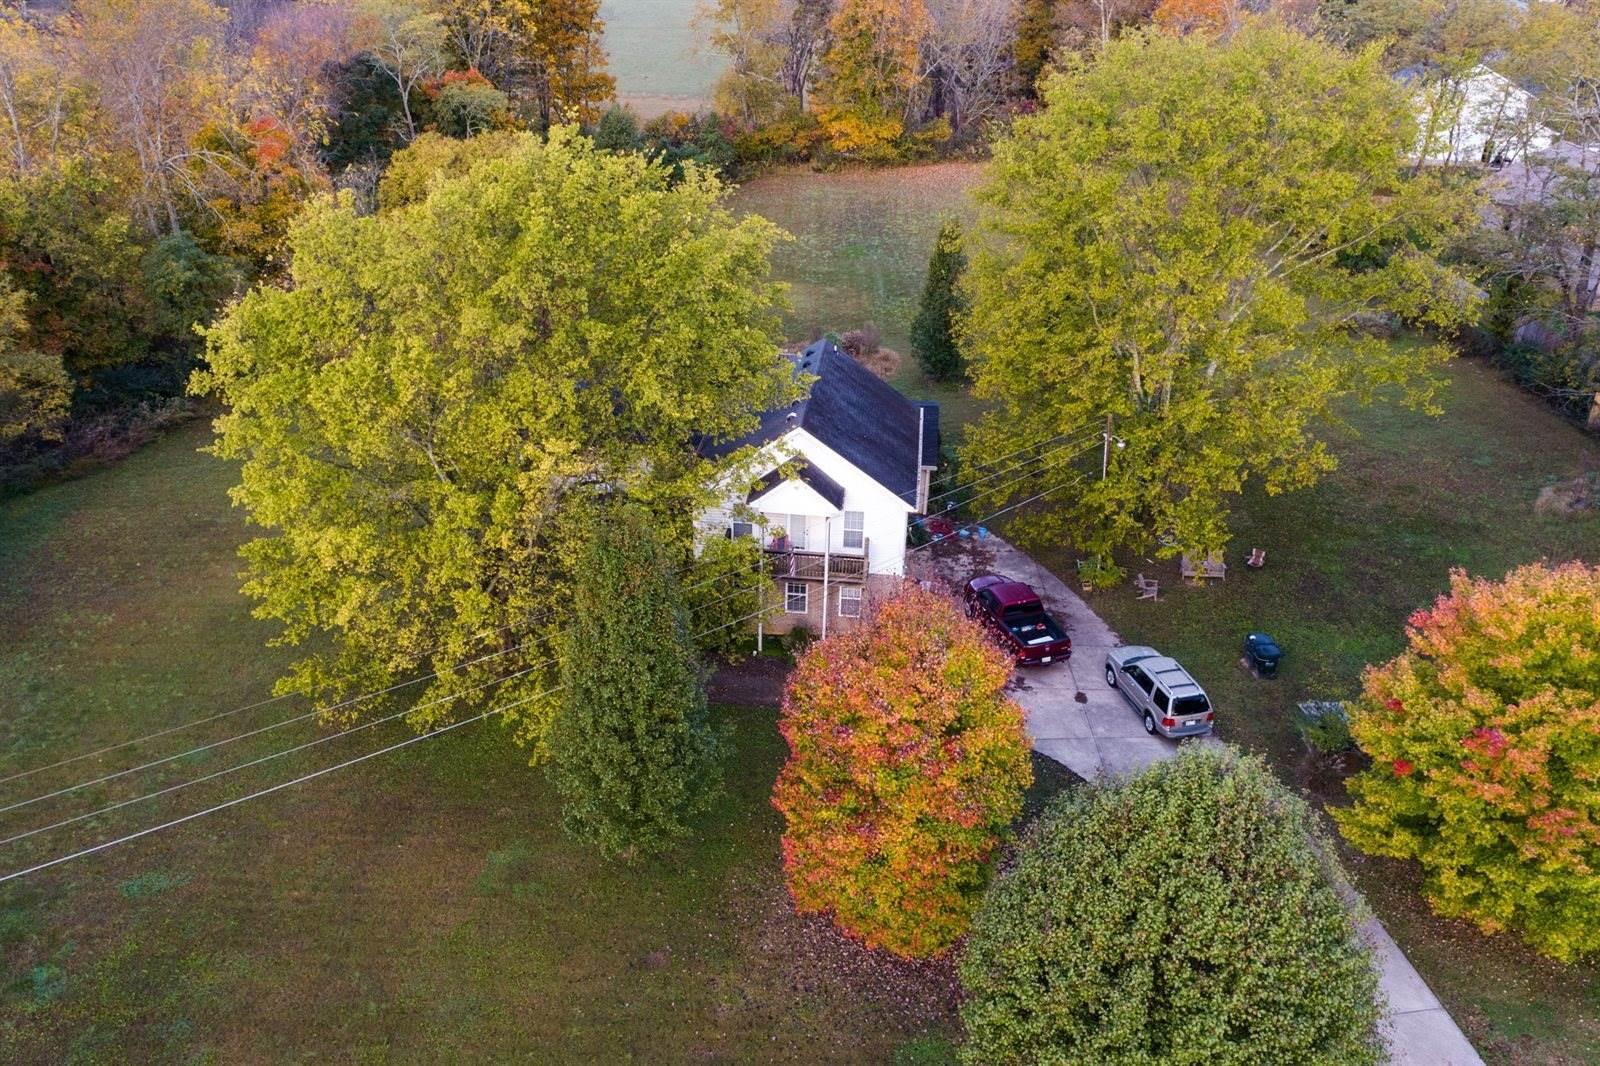 1785 Highway 31 West, Goodlettsville, TN 37072